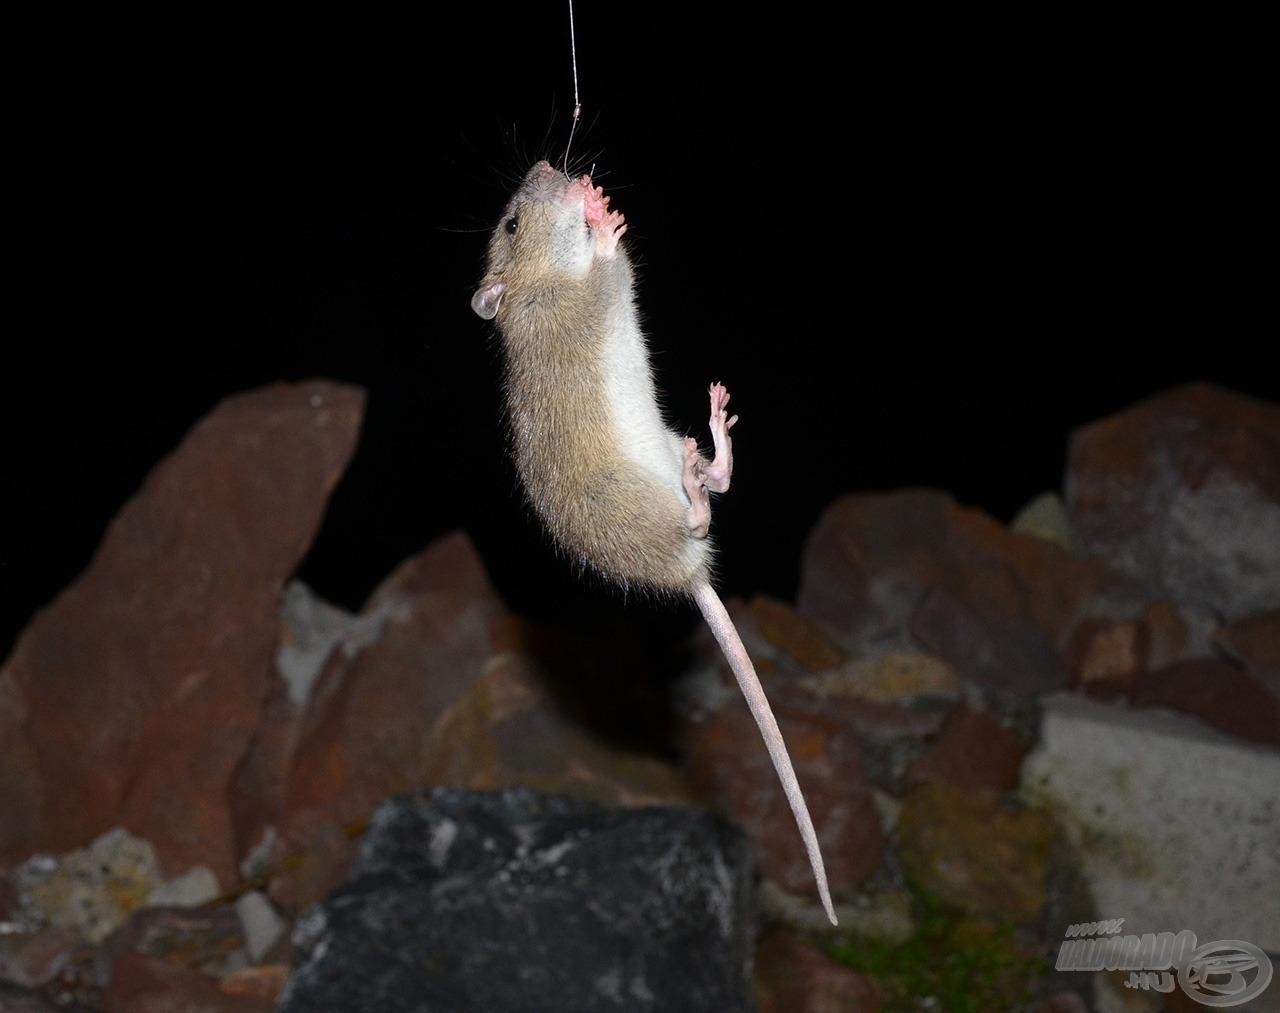 Akadt már ilyen a horgodra? Elég volt csak 10 másodpercre őrizetlenül hagyni a csalit, és lám, egy kis patkány akarta a kövek közé húzni a felcsalizott horgot. Nem volt egyszerű leakasztani…! De mivel méreten aluli volt, így visszanyerte szabadságát!